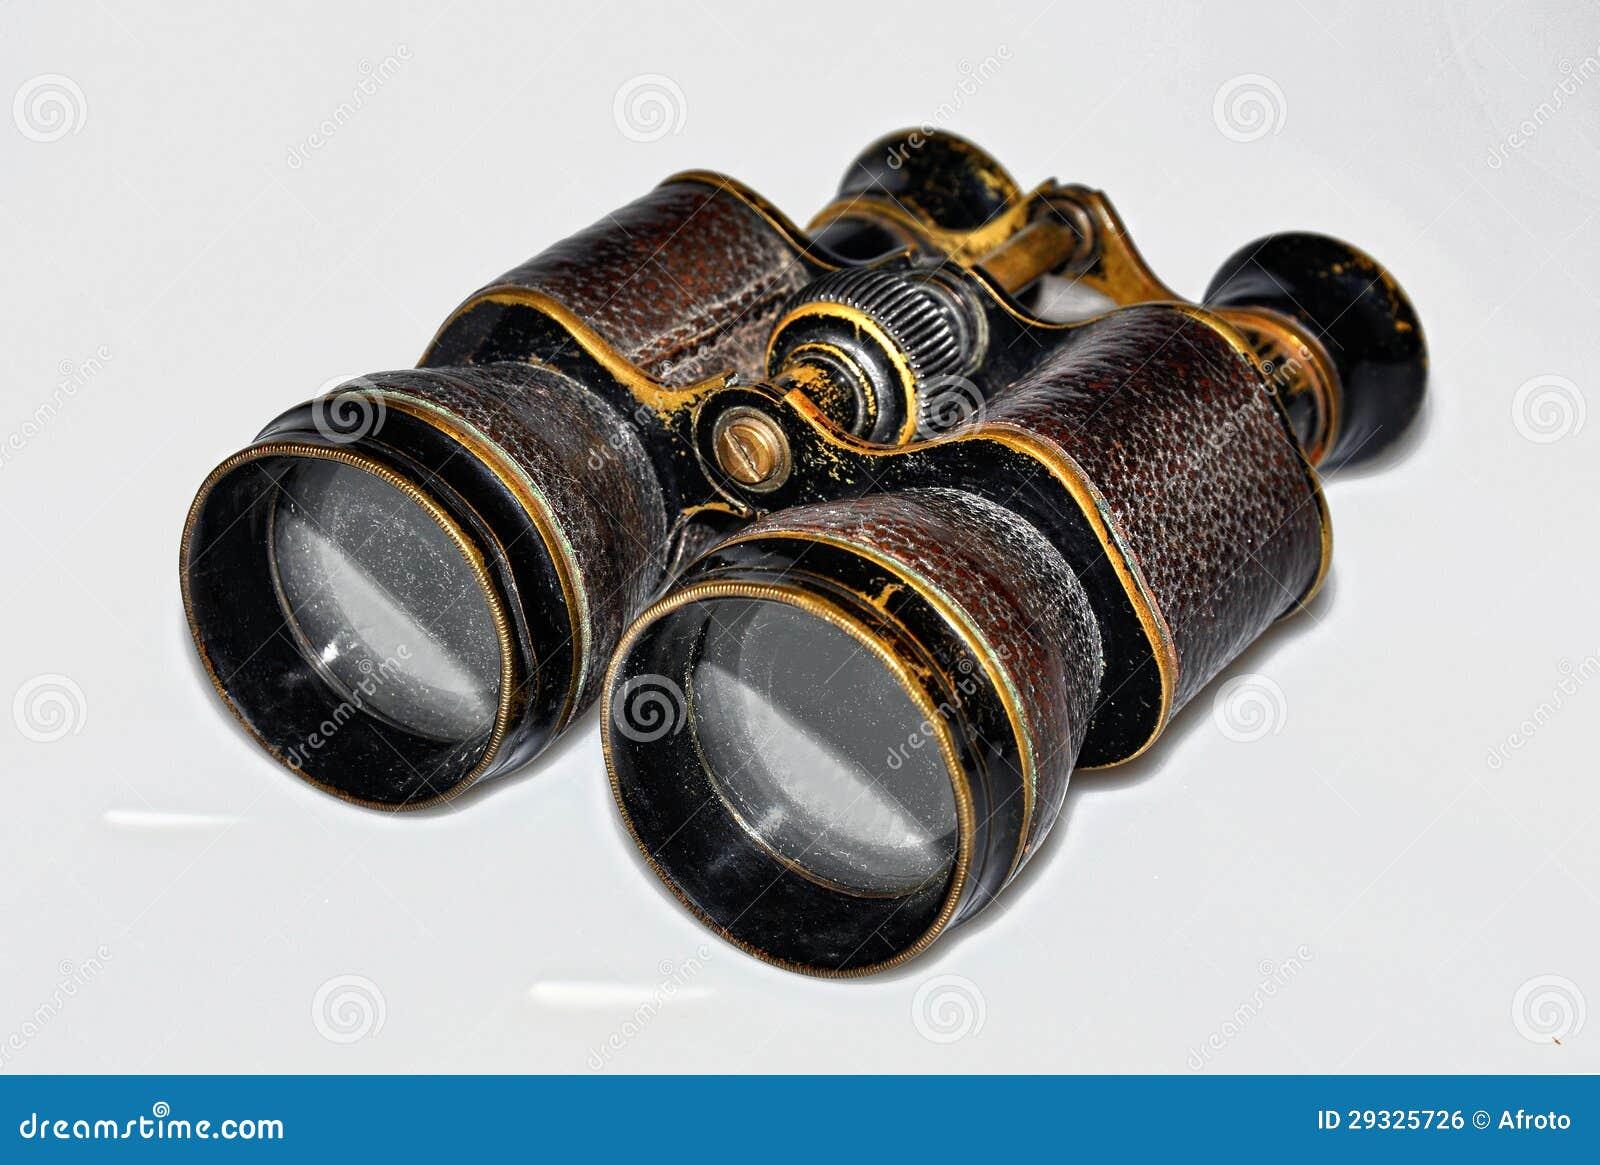 Old Binocular Royalty Free Stock Image - Image: 29325726